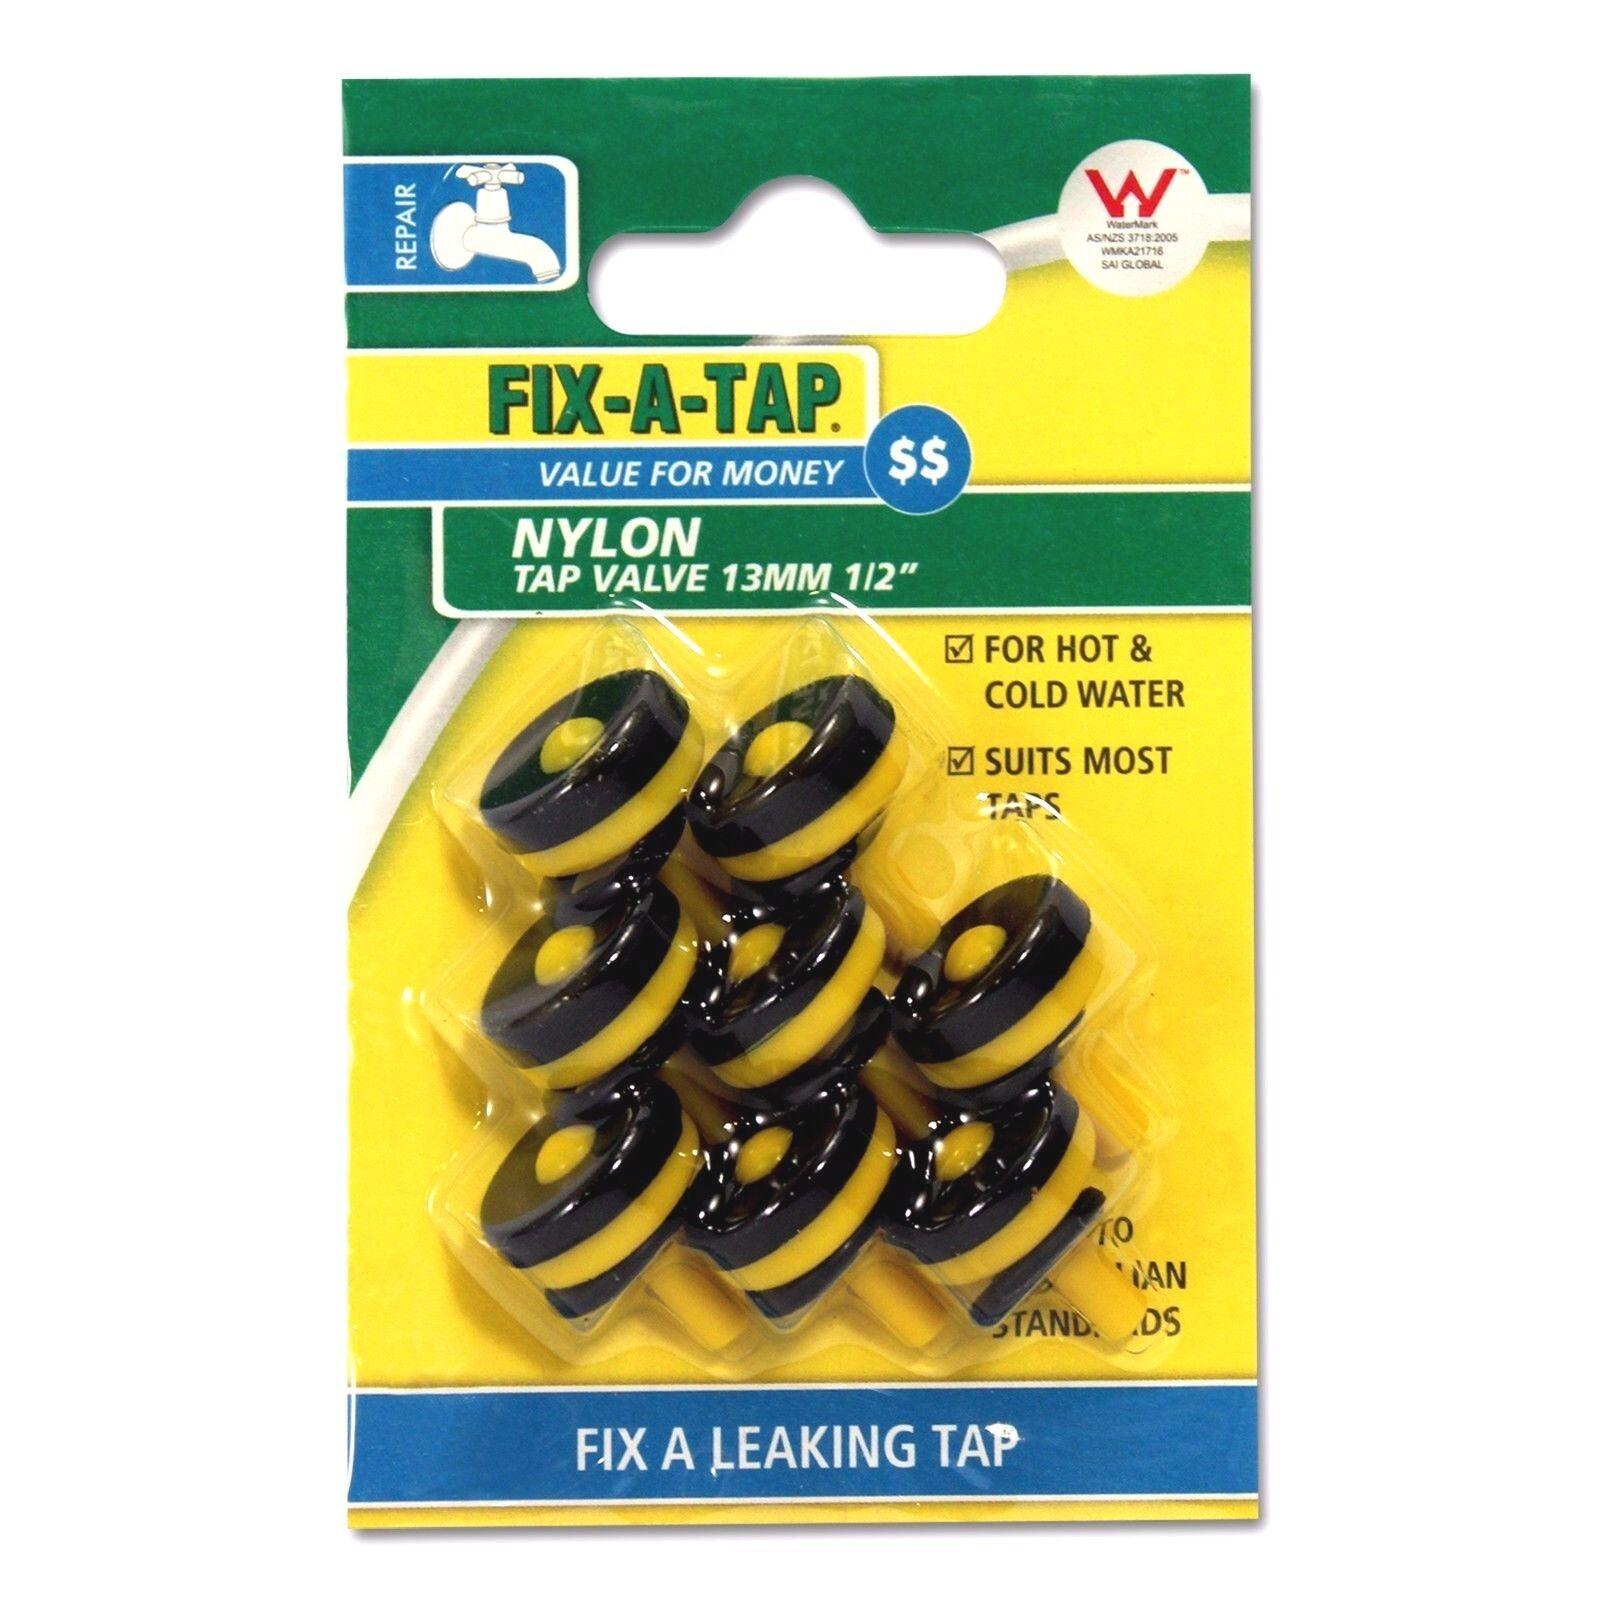 Details about Fix-A-Tap NYLON TAP VALVES 13mm - 8 Value Pack